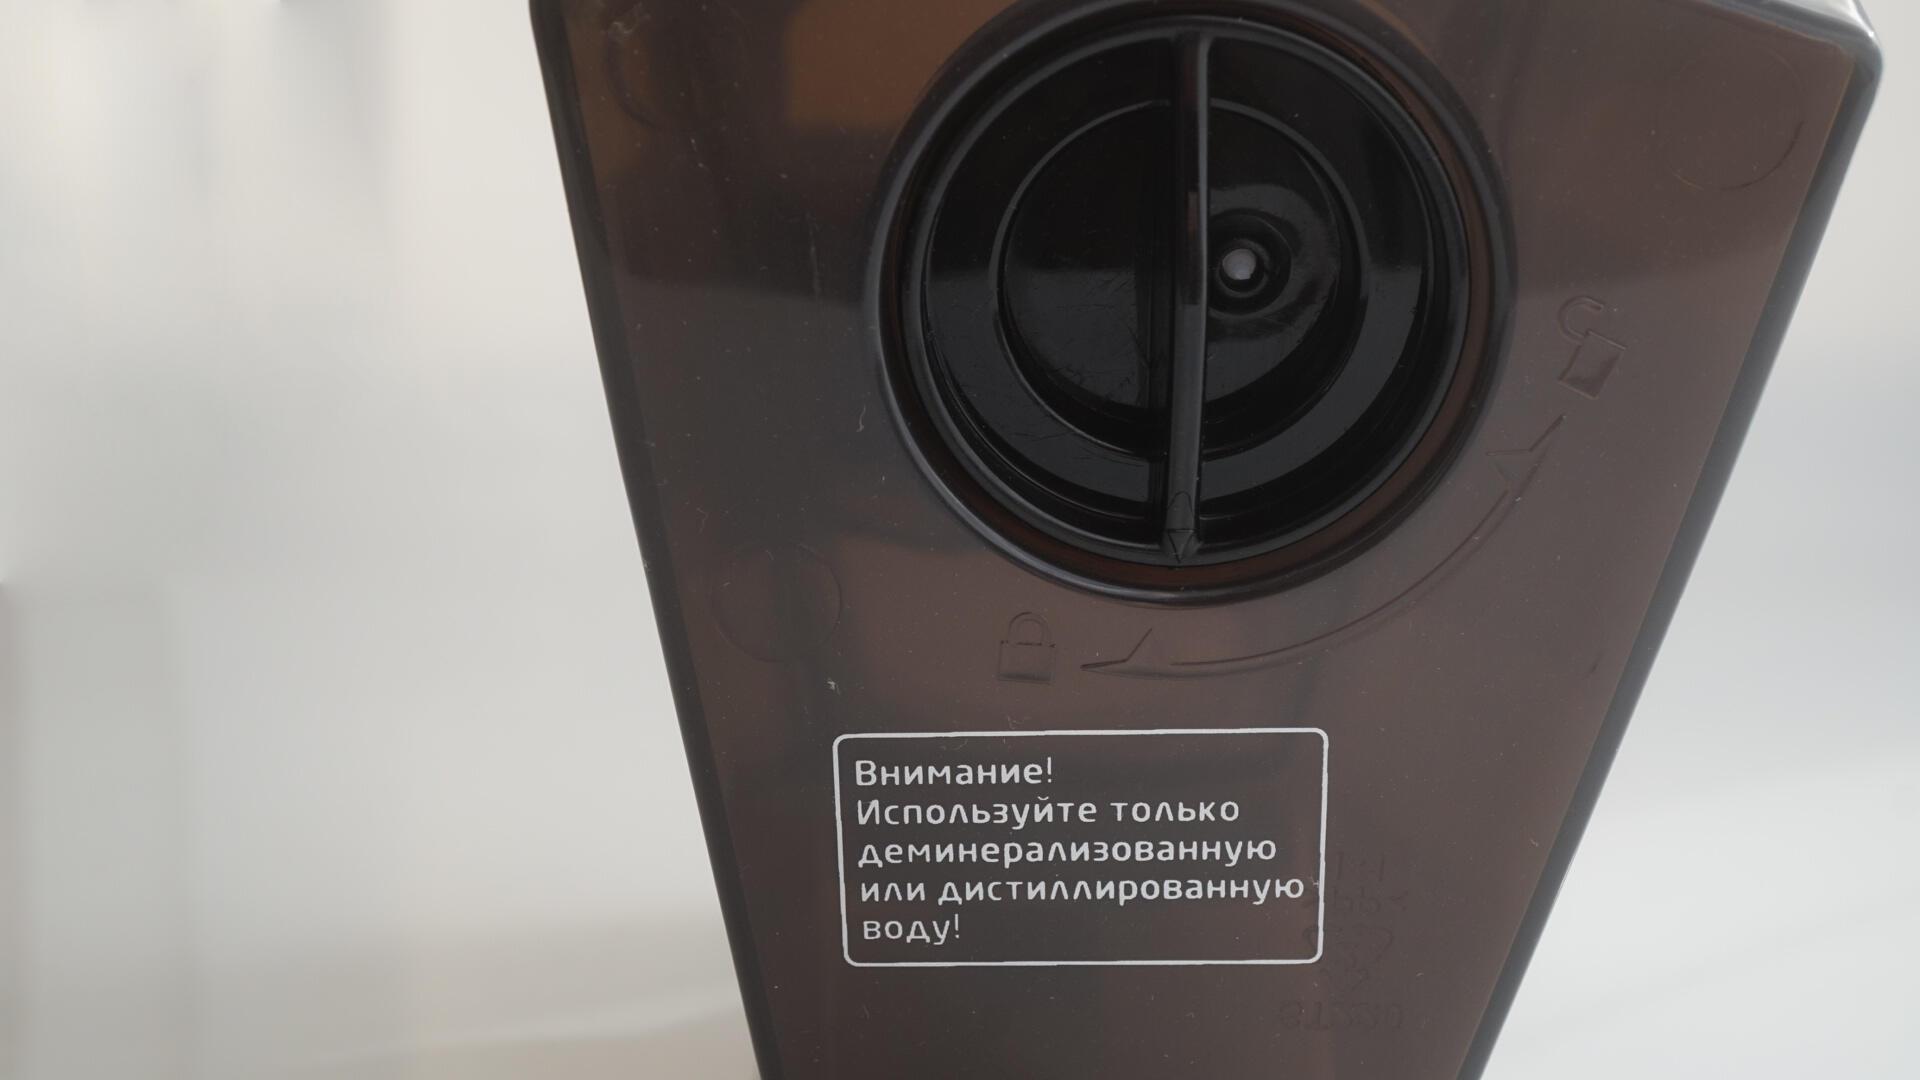 Bytovaya Tehnika - Obzor otparivatelya Kitfort KT-927